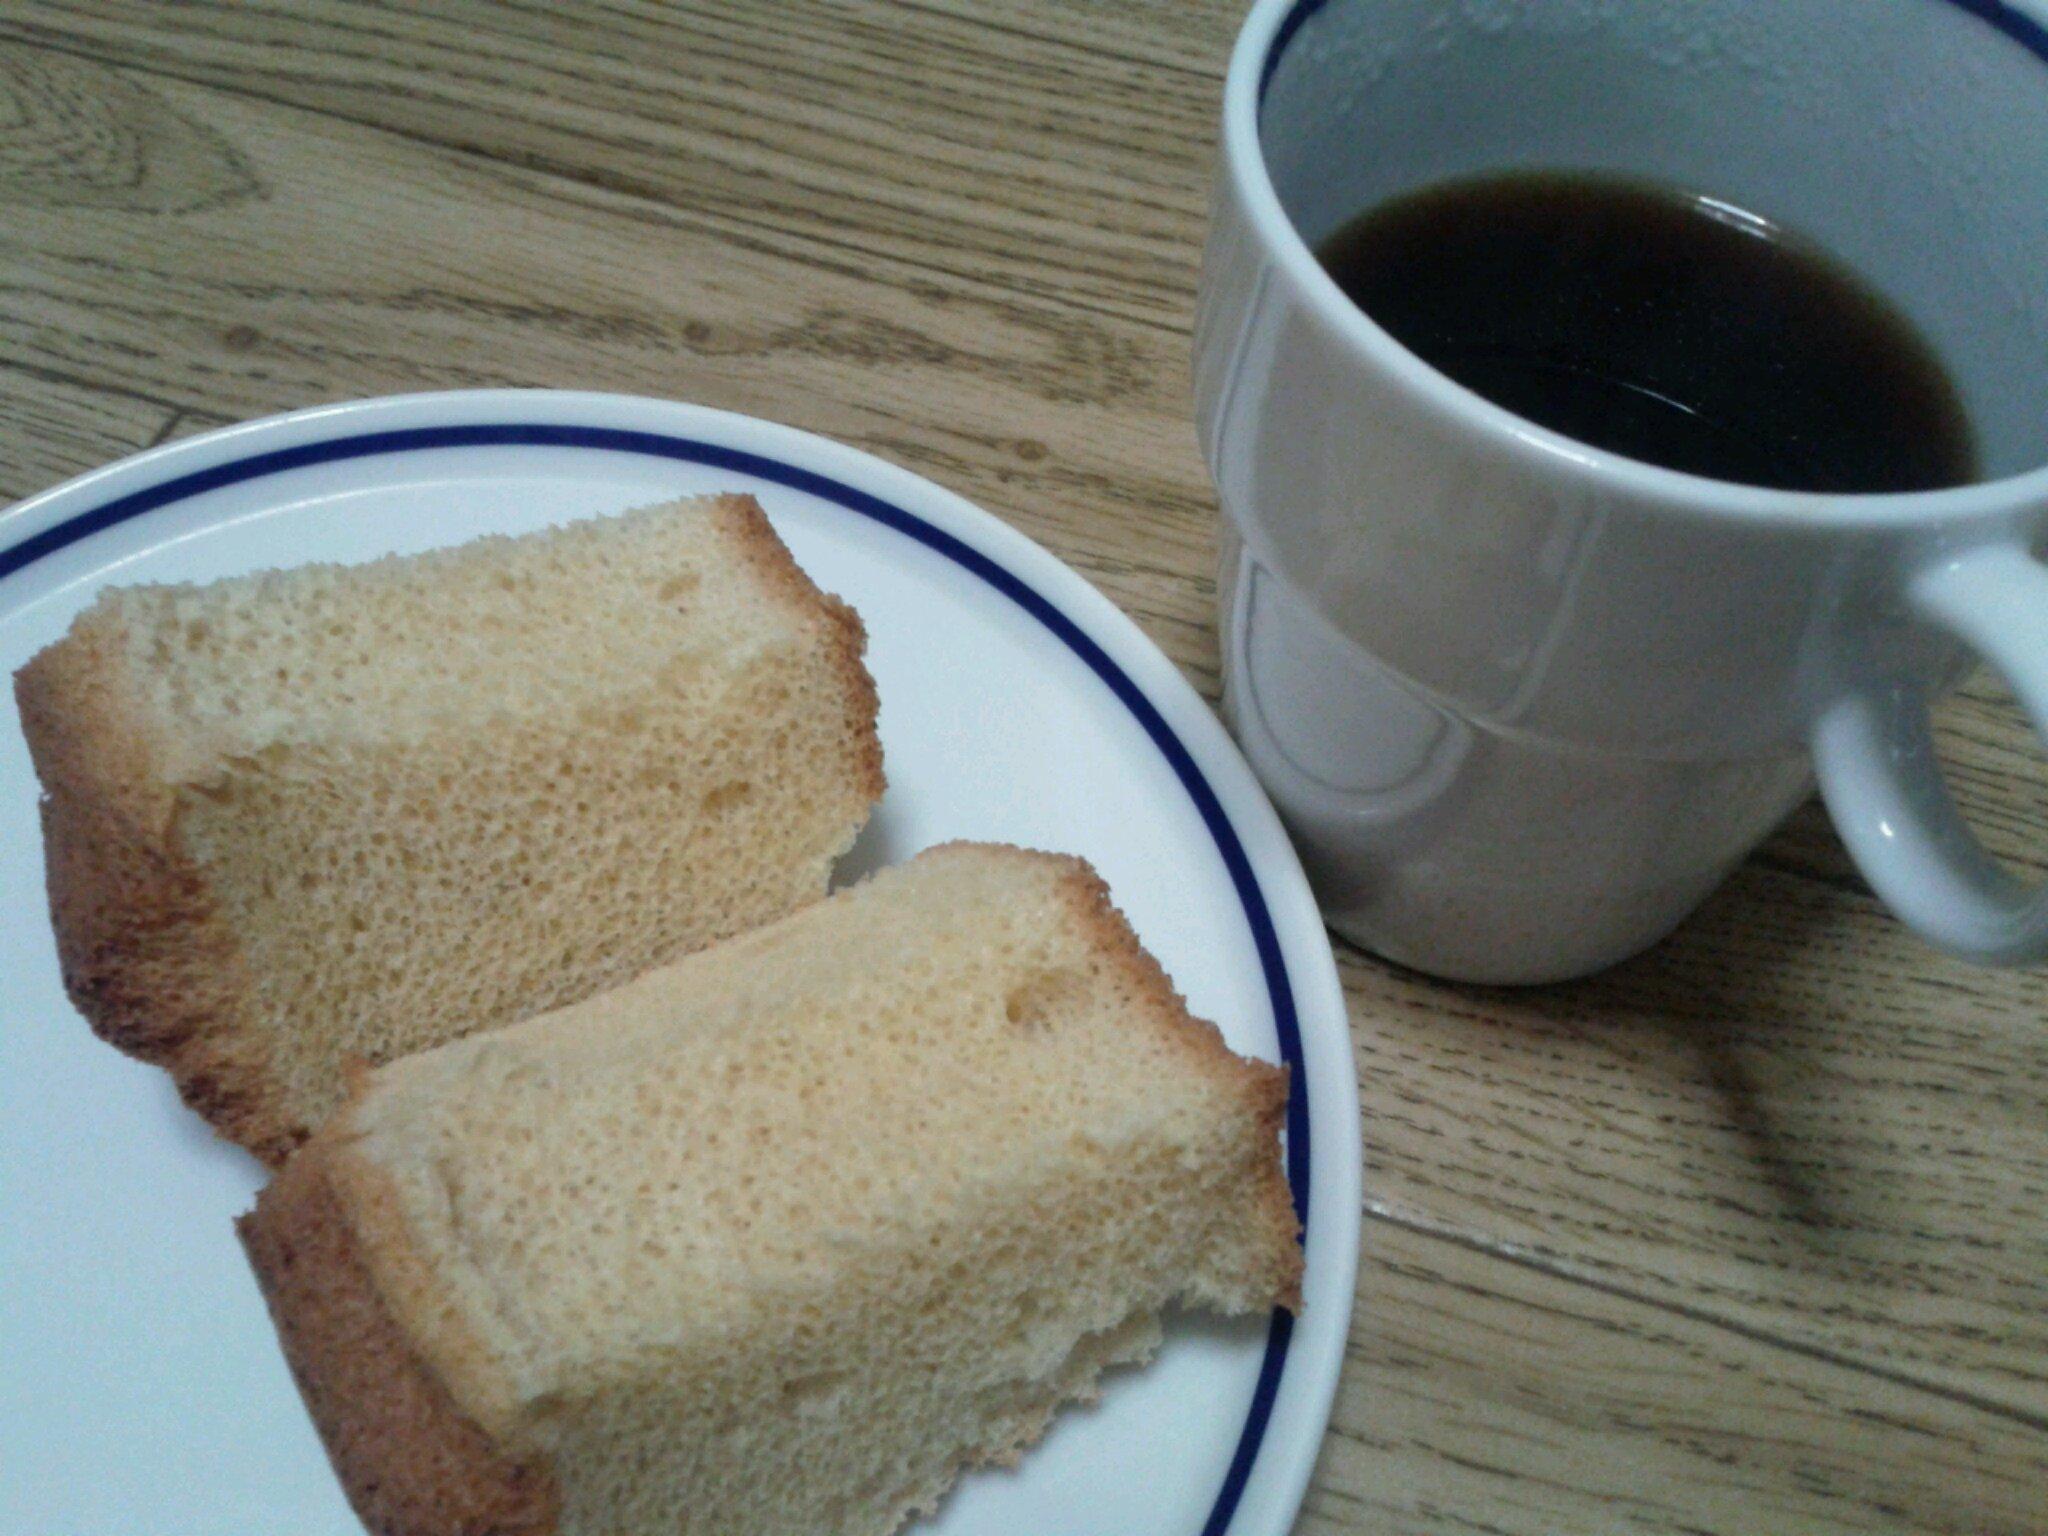 きなこシフォンとコーヒー